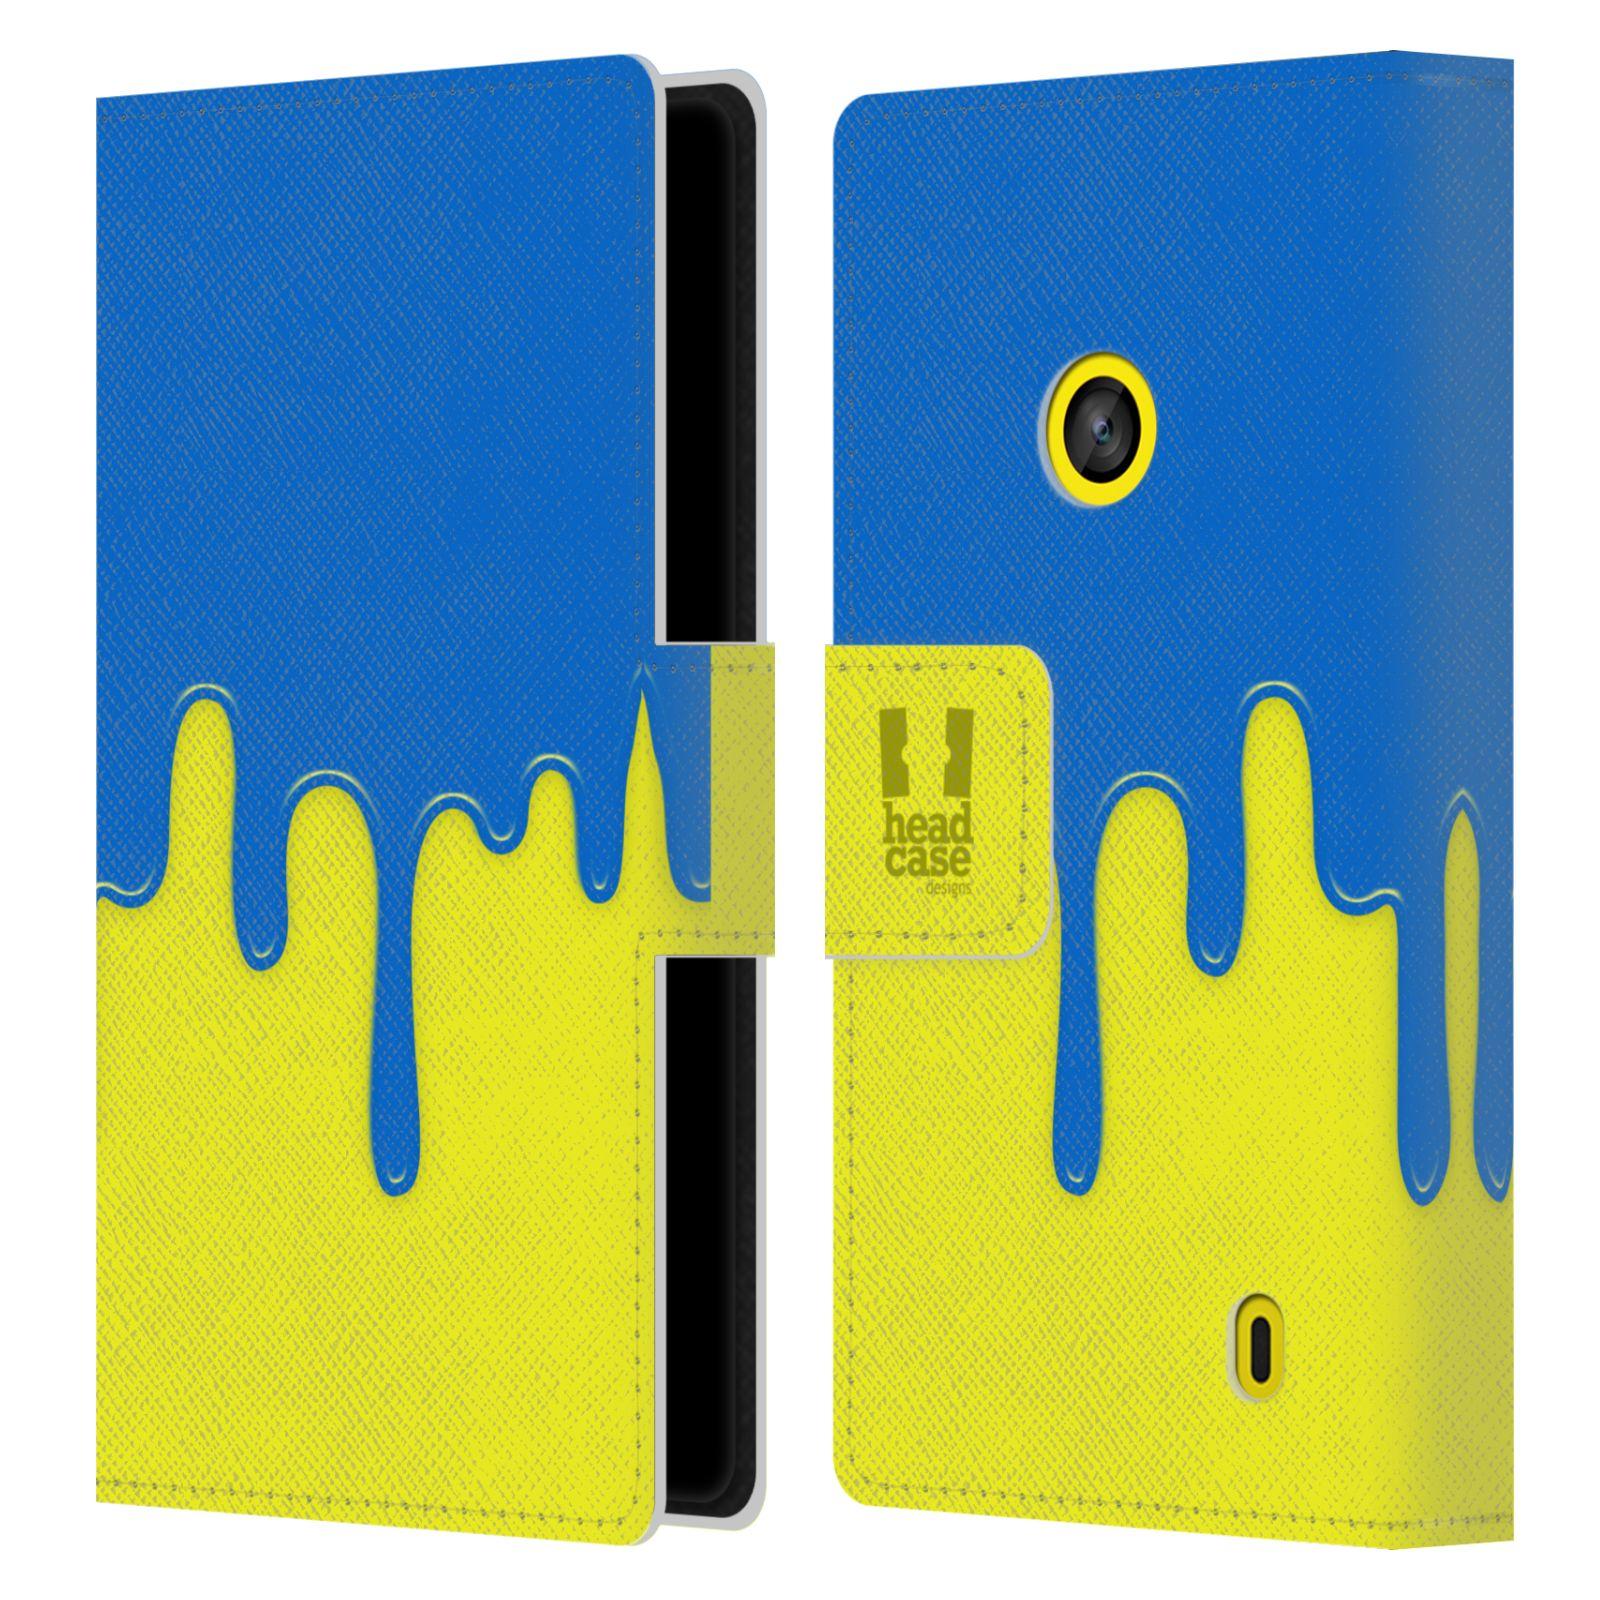 HEAD CASE Flipové pouzdro pro mobil NOKIA LUMIA 520 / 525 Rozlitá barva modrá a žlutá